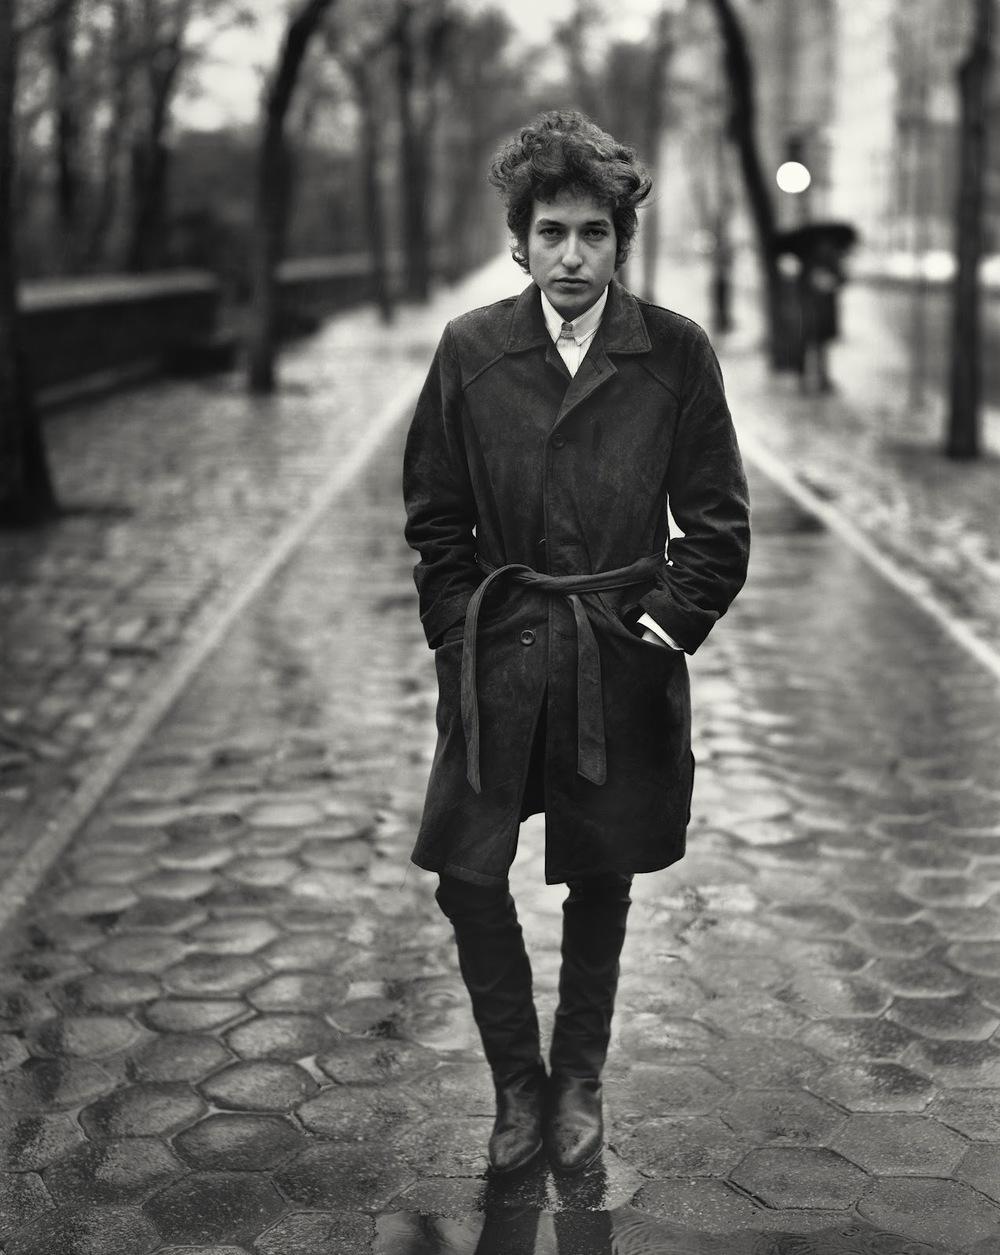 Robert  Zimmerman nasceu no Minnesota - EUA, em 1941. Pouco depois disso ele  virou Bob Dylan. E depois de virar Bob Dylan ele virou um dos maiores  ícones da cultura moderna. Considerado pela Rolling Stone o 2º maior  intérprete da história da música (atrás dos Beatles), Dylan atingiu o  mesmo posto que seus 4 amigos de Liverpool: o de intocável. Seu estilo  vai além dos chapéus de caubói que ele veste hoje em dia e dos coletes  de veludo que usava nos anos 60. Com uma imagem tão icônica quanto Elvis  e Freddie Mercury, o menino franzino - que toca gaita e violão desde  adolescente - virou sinônimo de estilo e elegância, uma vez que seu  visual é copiado até hoje pelos mais charmosos rapazes. Parabéns ao Mr.  Tambourine Man.